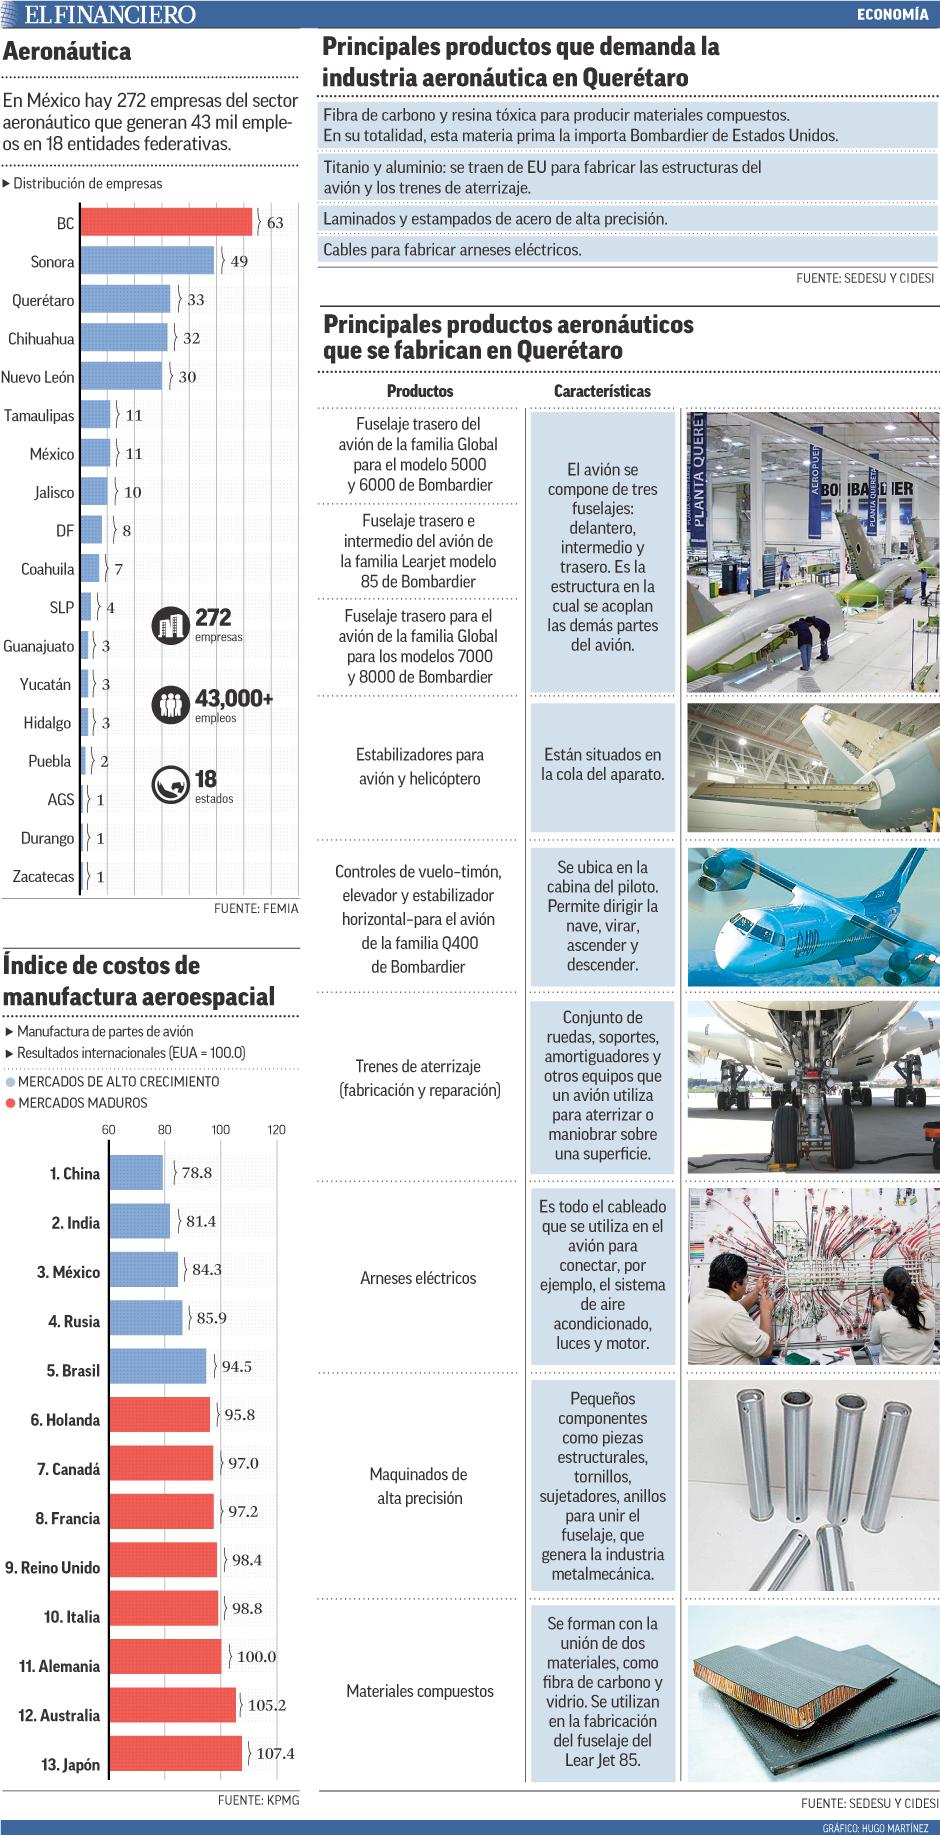 La caída de 20% en el valor de las exportaciones de joyería entre 2010 y 2013  obedece a los movimientos que ha tenido el precio internacional de los metales.